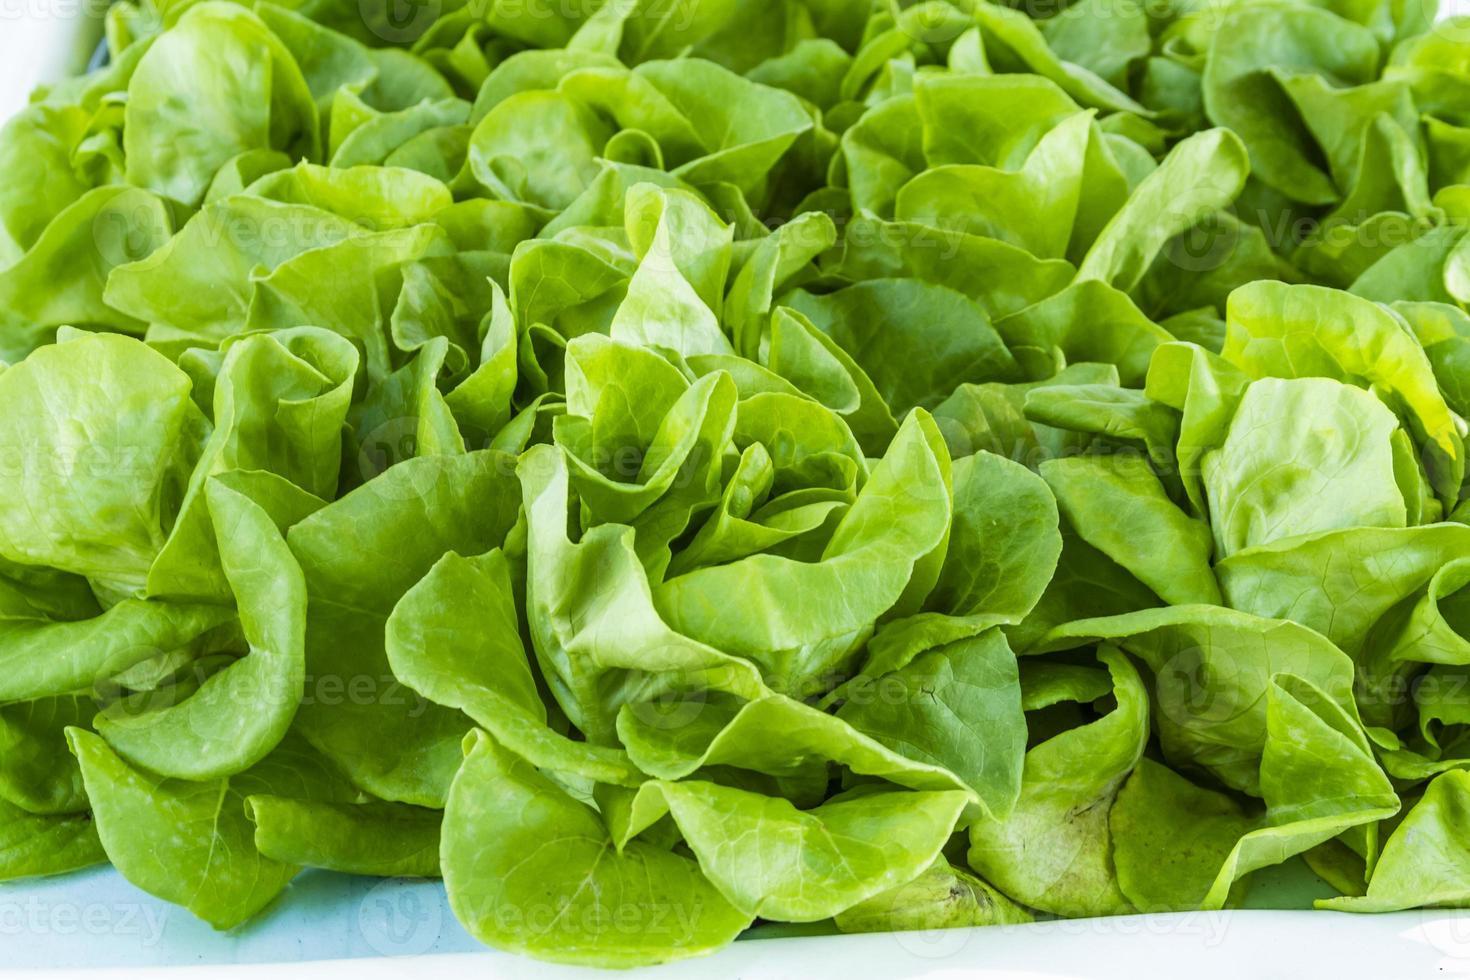 frisches Bio-Obst und Gemüse auf dem Bauernmarkt foto